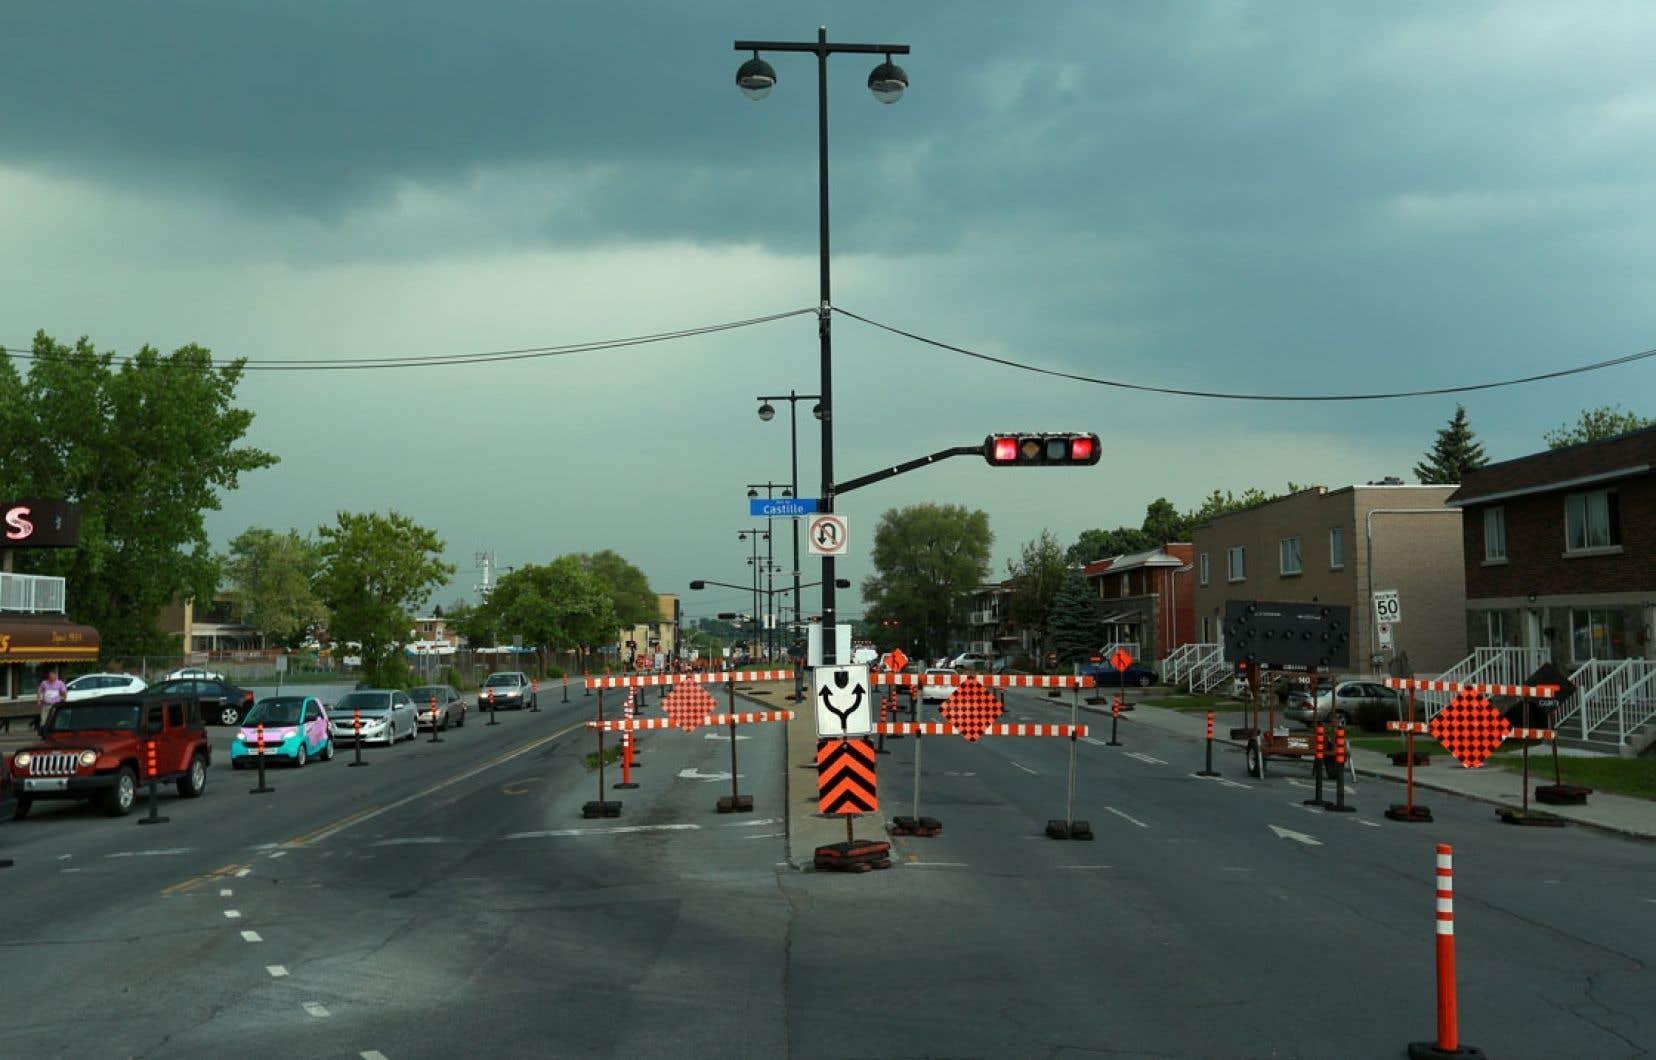 À terme, les voies centrales du boulevard Pie-IX devraient voir passer un bus toutes les 46 secondes. Devant le risque accru de congestion, un expert propose d'installer plutôt un tramway.